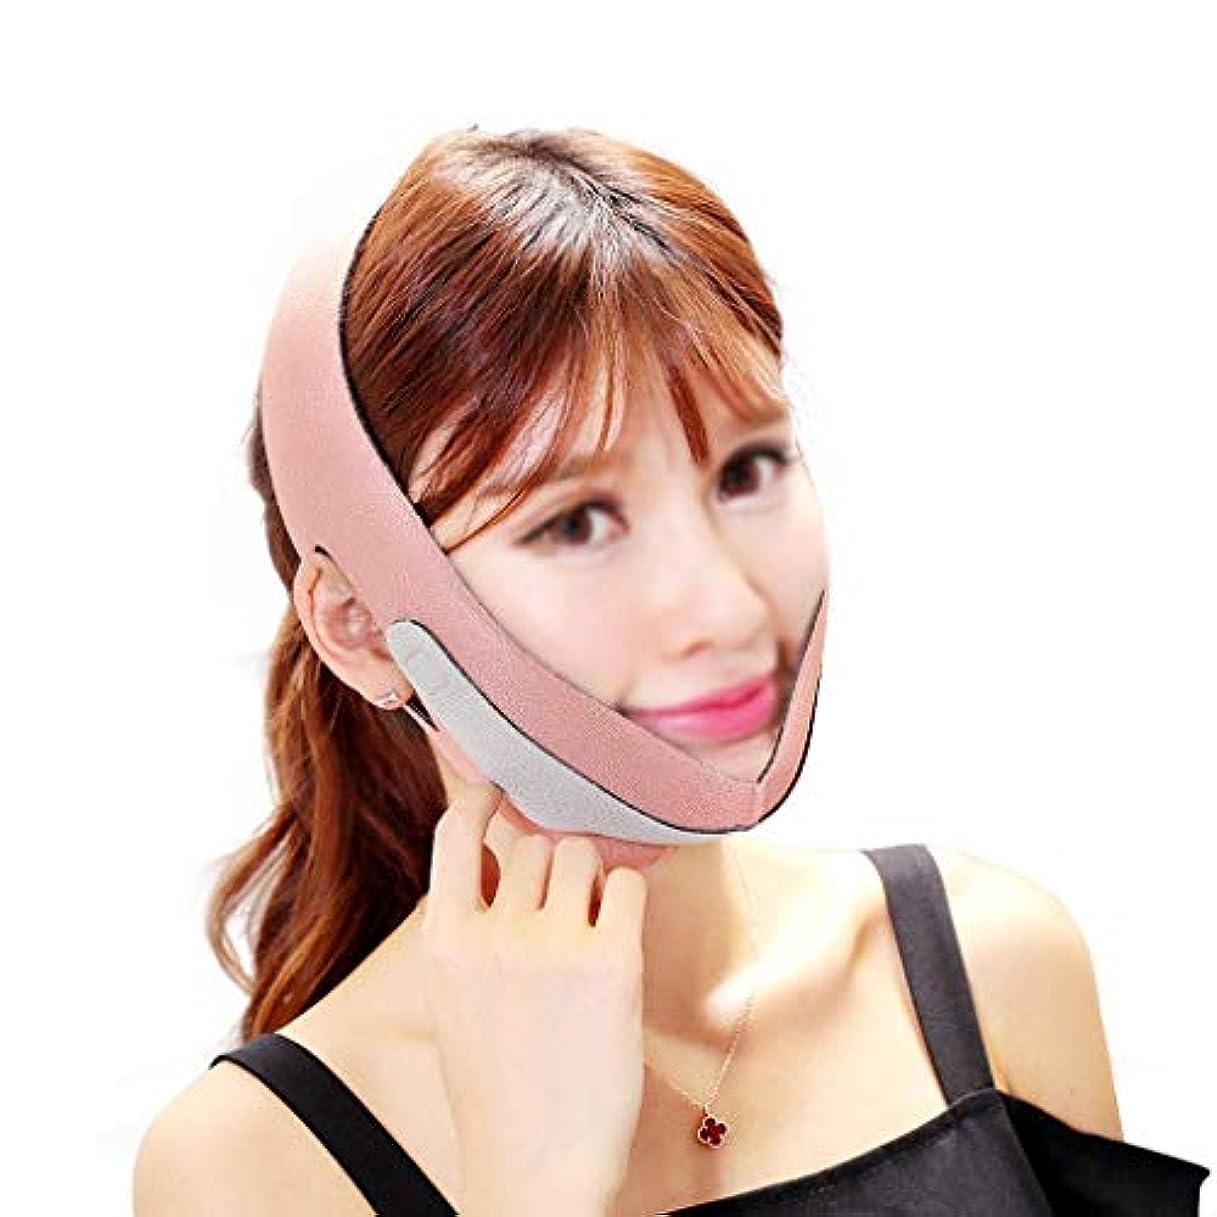 流用するカスタム家族フェイスリフティングバンデージ、セールV字型の顔を作成するためのダブルチン/リフティングタイトスキンバンデージマスク(色:ピンク)